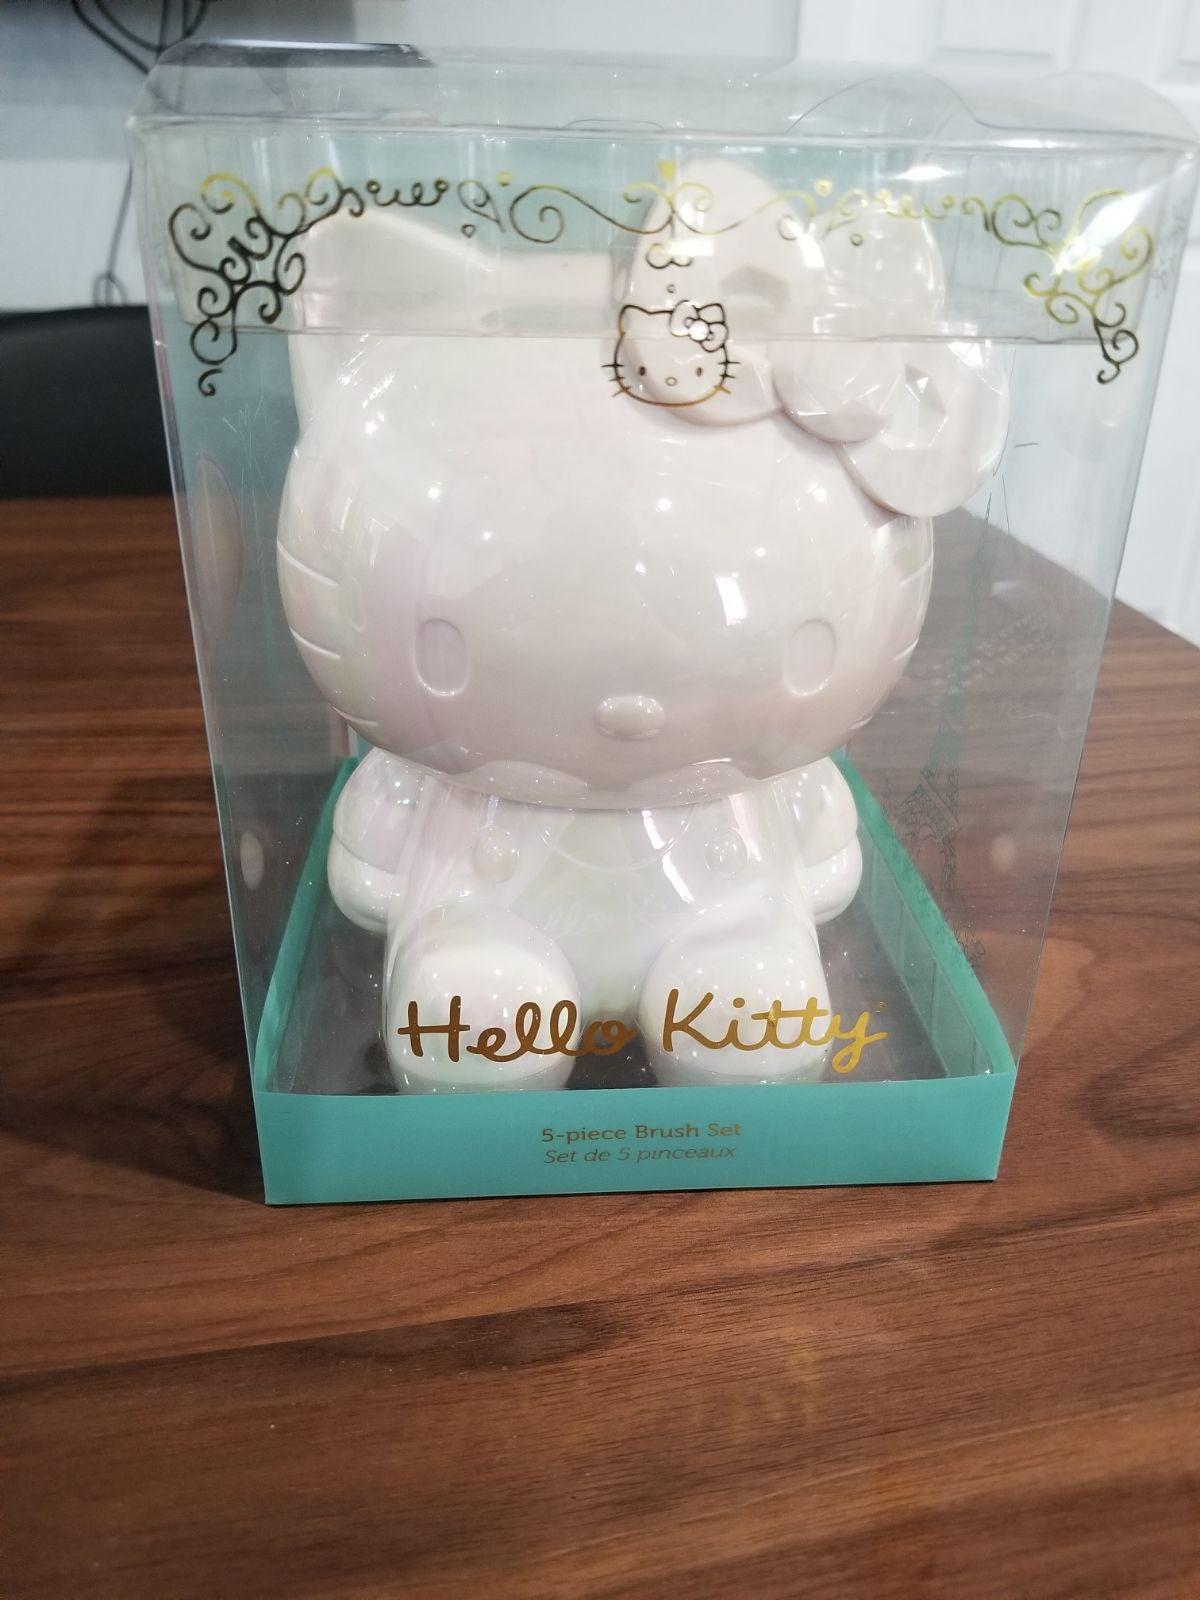 Hello Kitty Sephora LE brush set